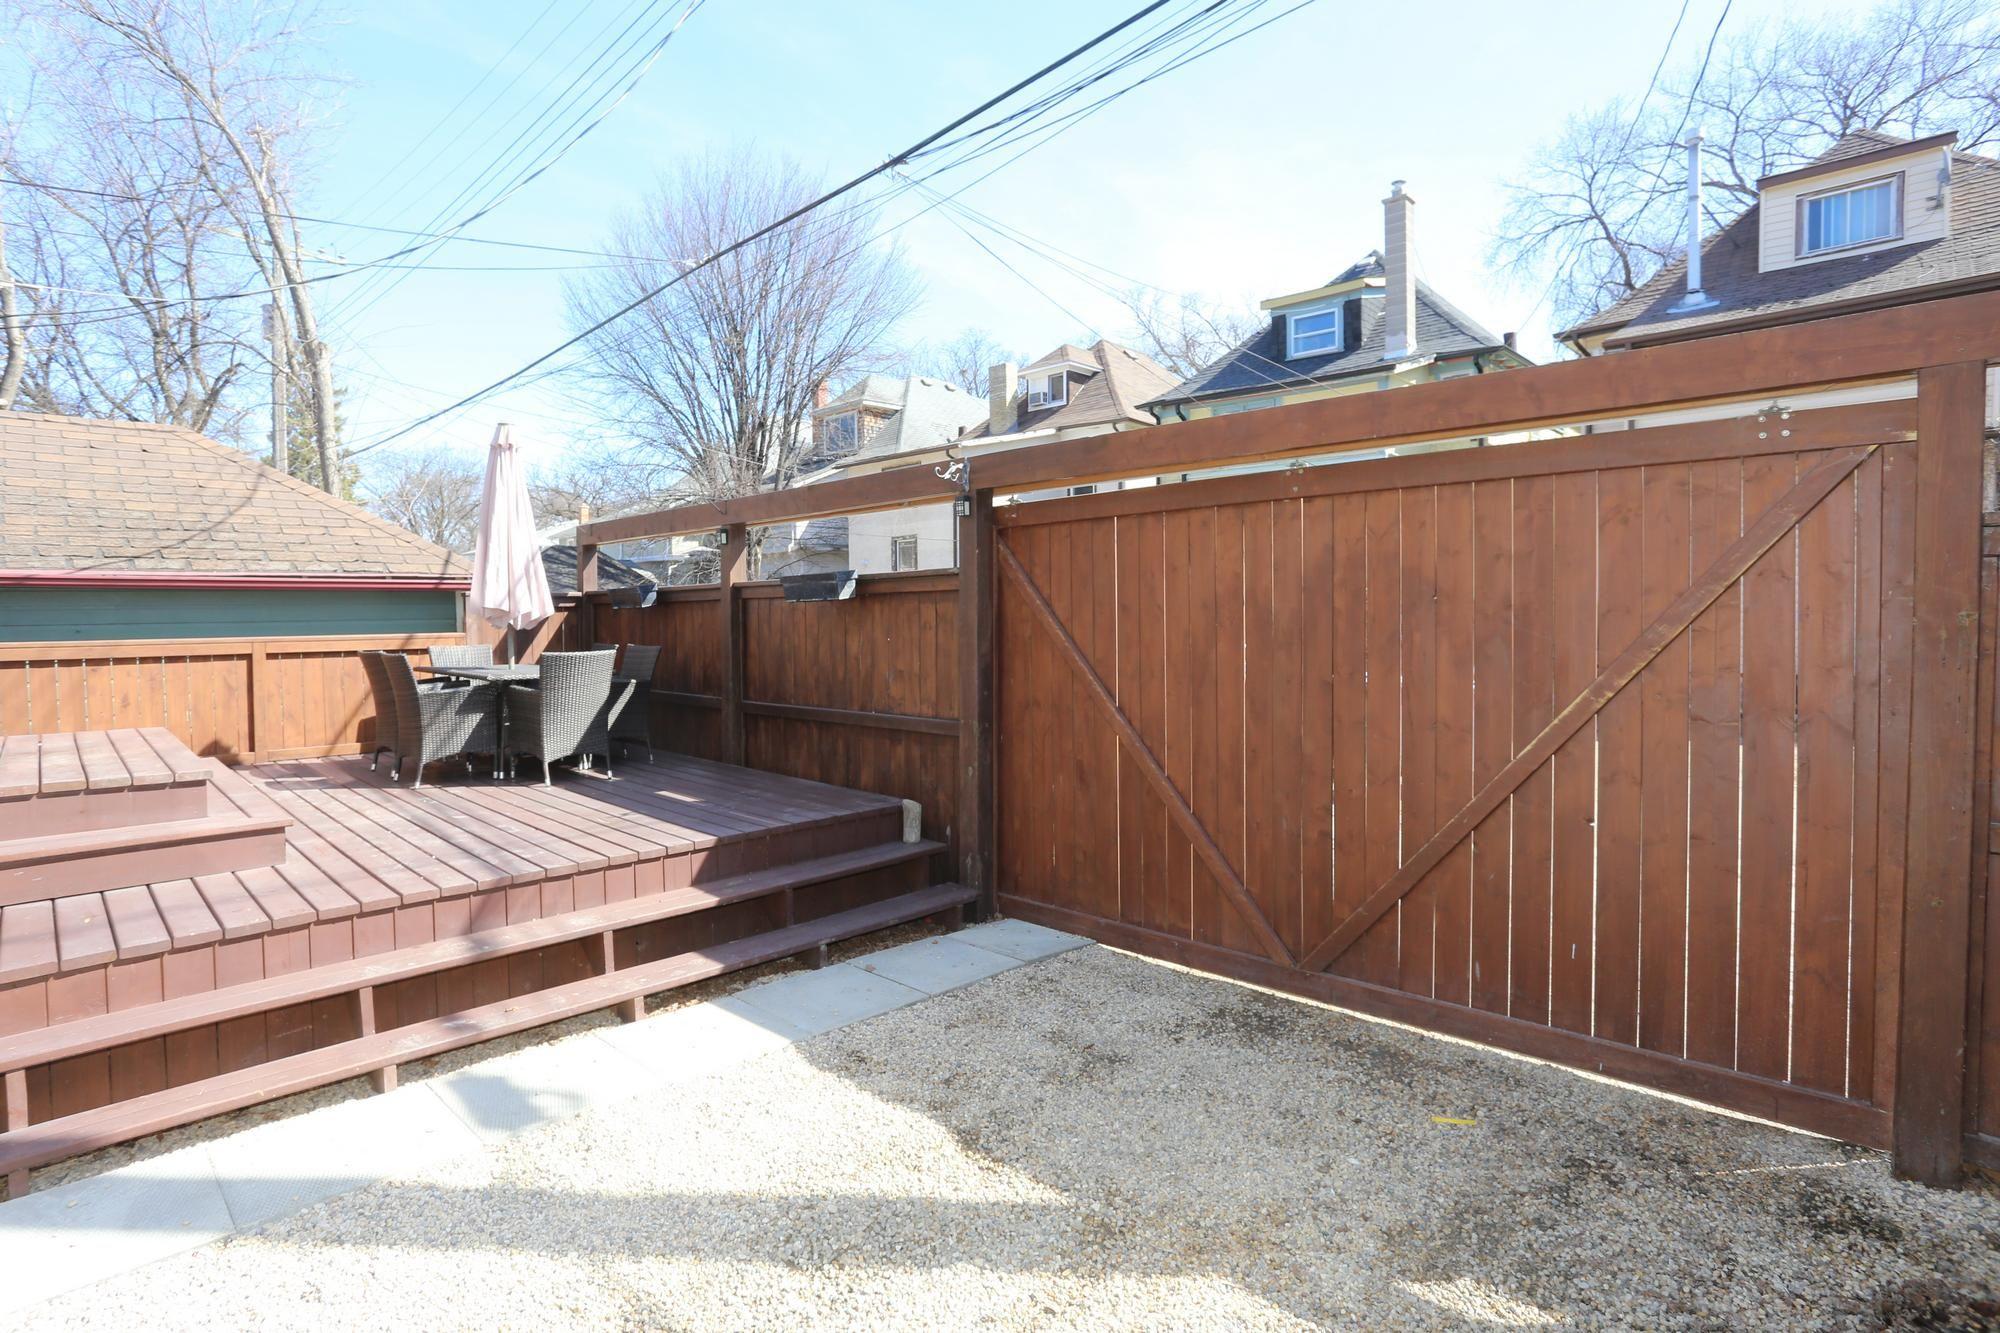 Photo 55: Photos: 121 Ruby Street in Winnipeg: Wolseley Single Family Detached for sale (5B)  : MLS®# 1808798